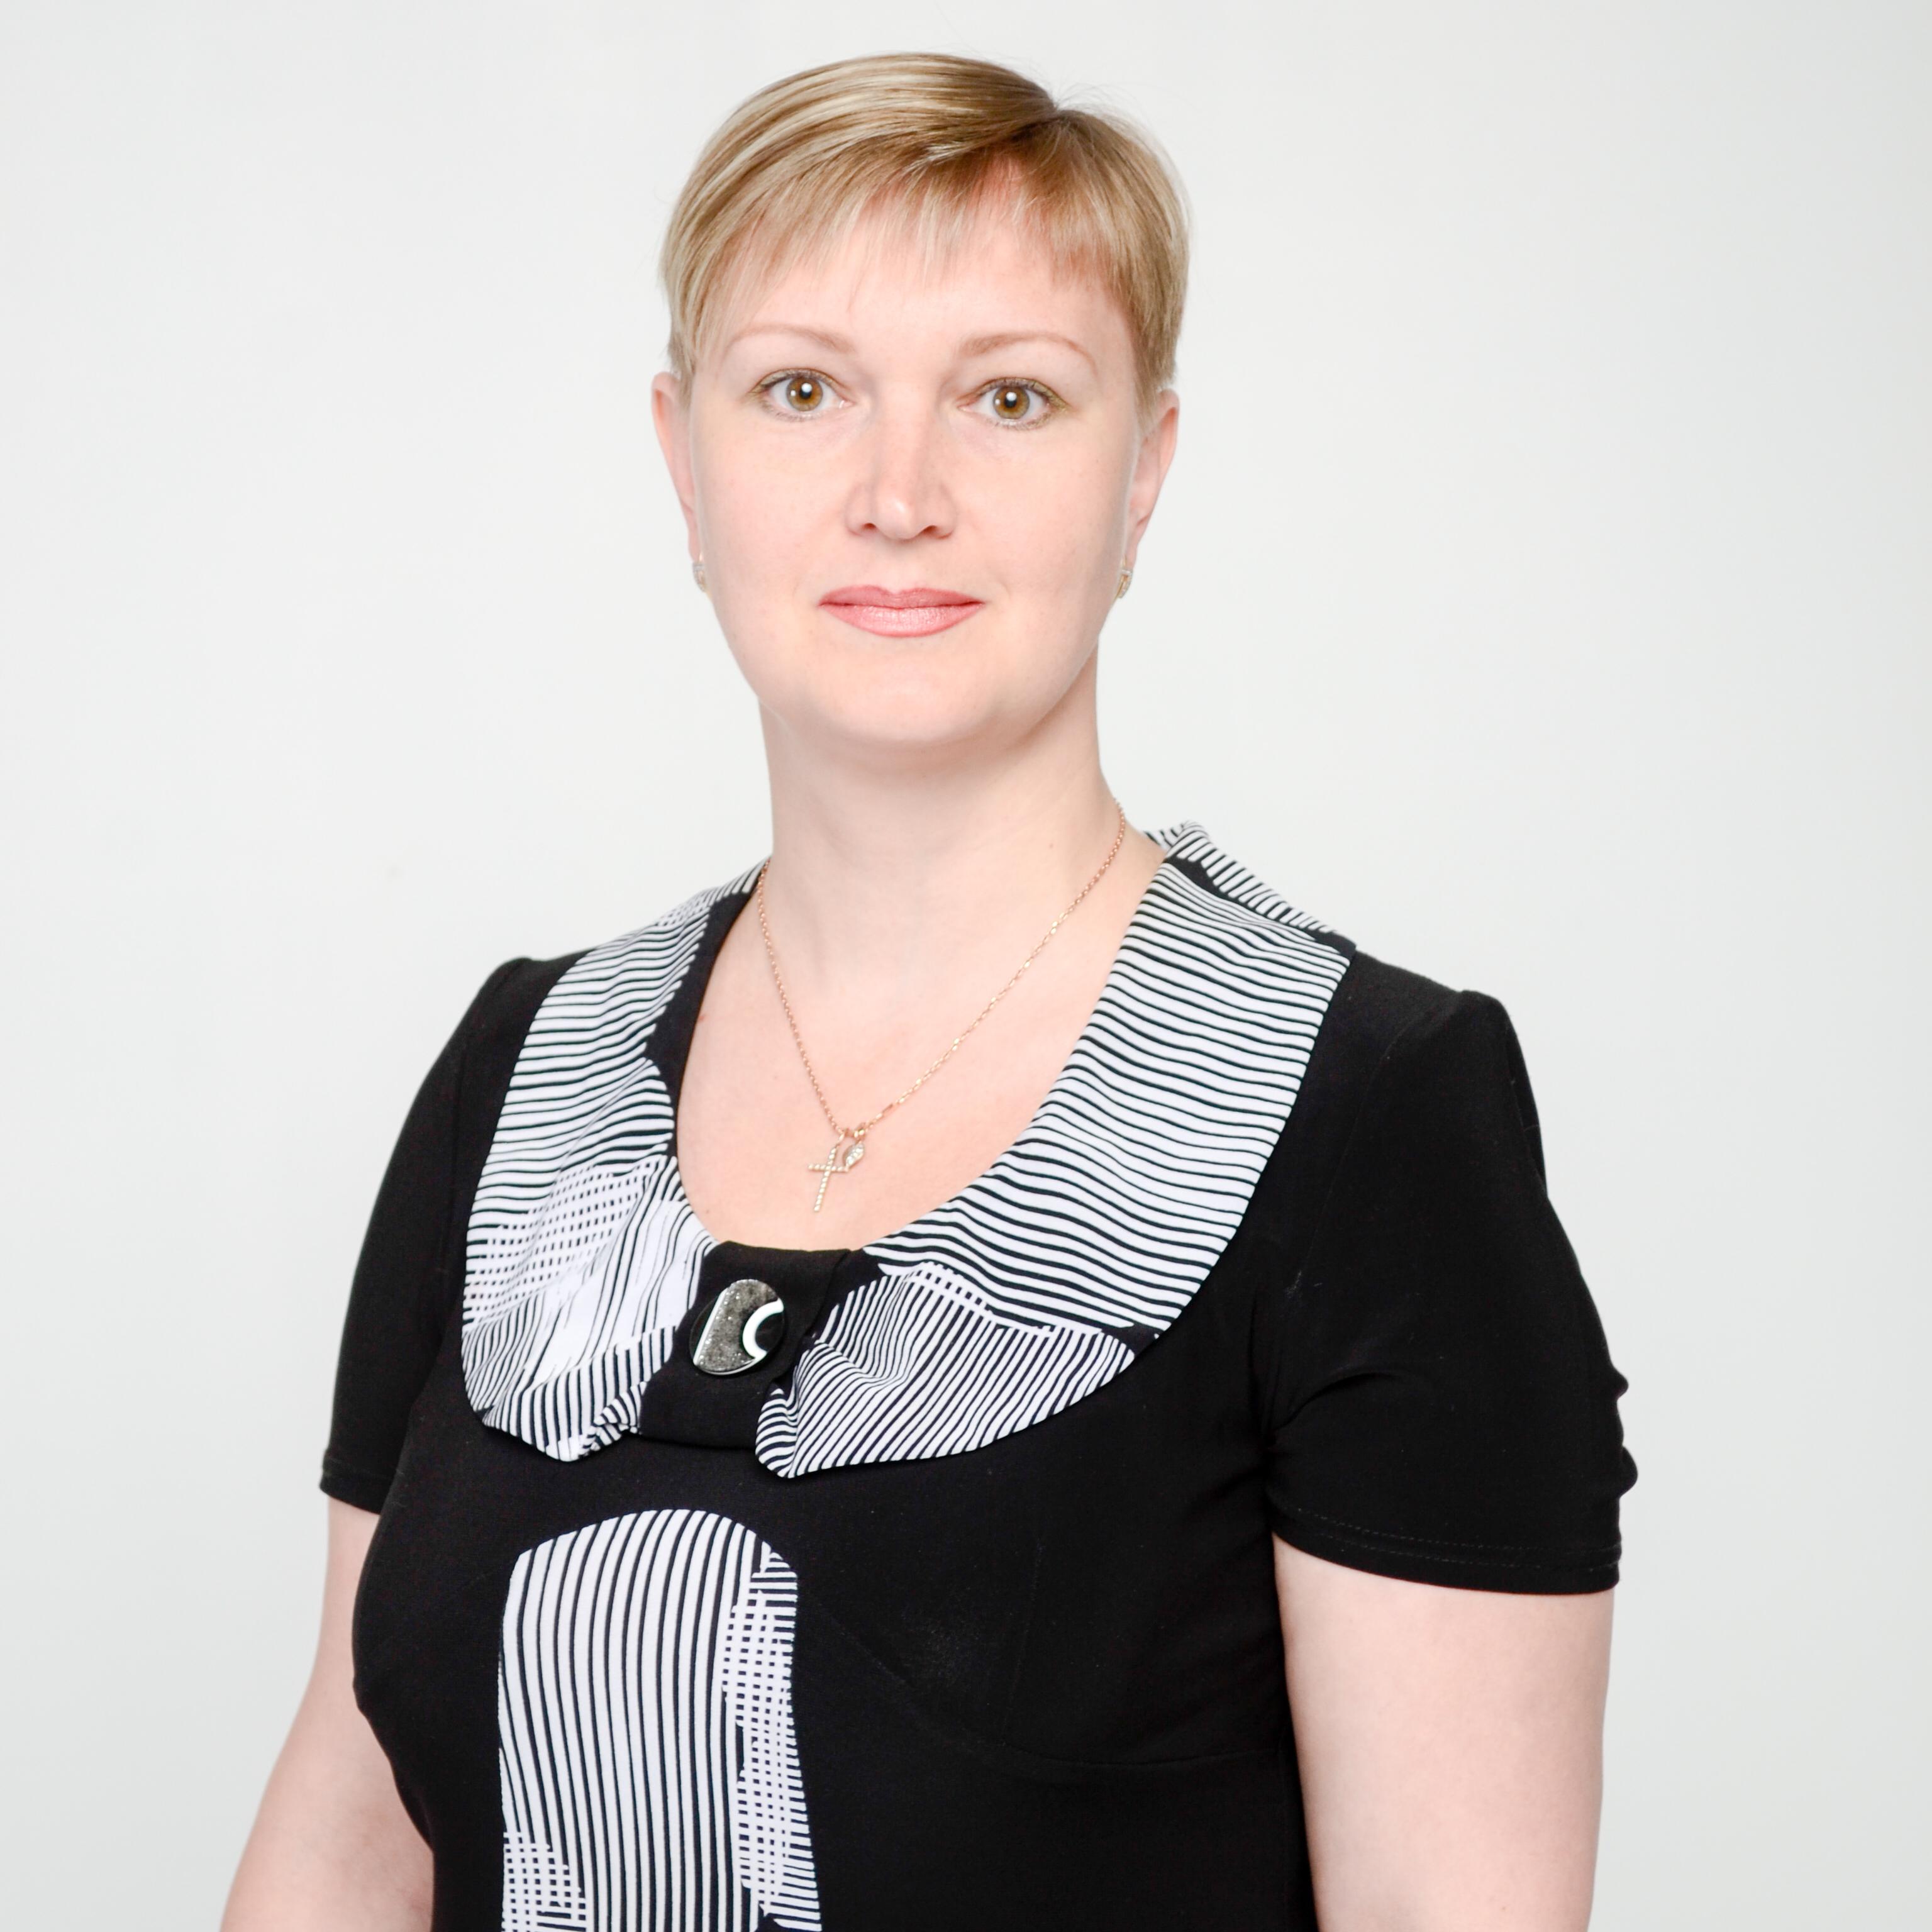 Khrystyna Orlova